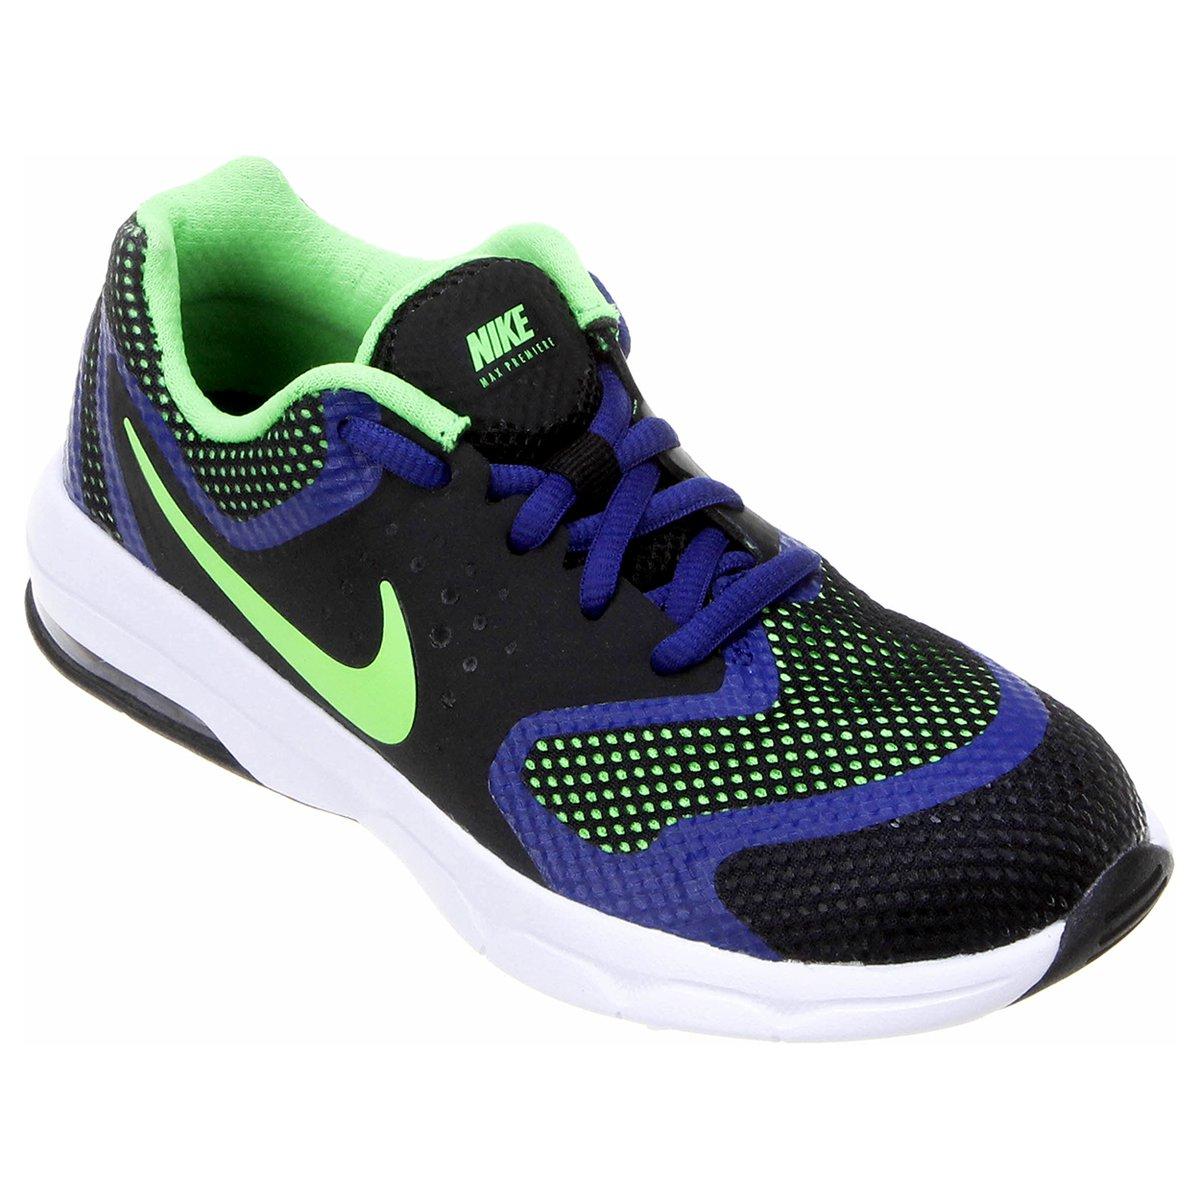 Tênis Nike Air Max Premiere Run Infantil - Compre Agora  5f8d203574dcb